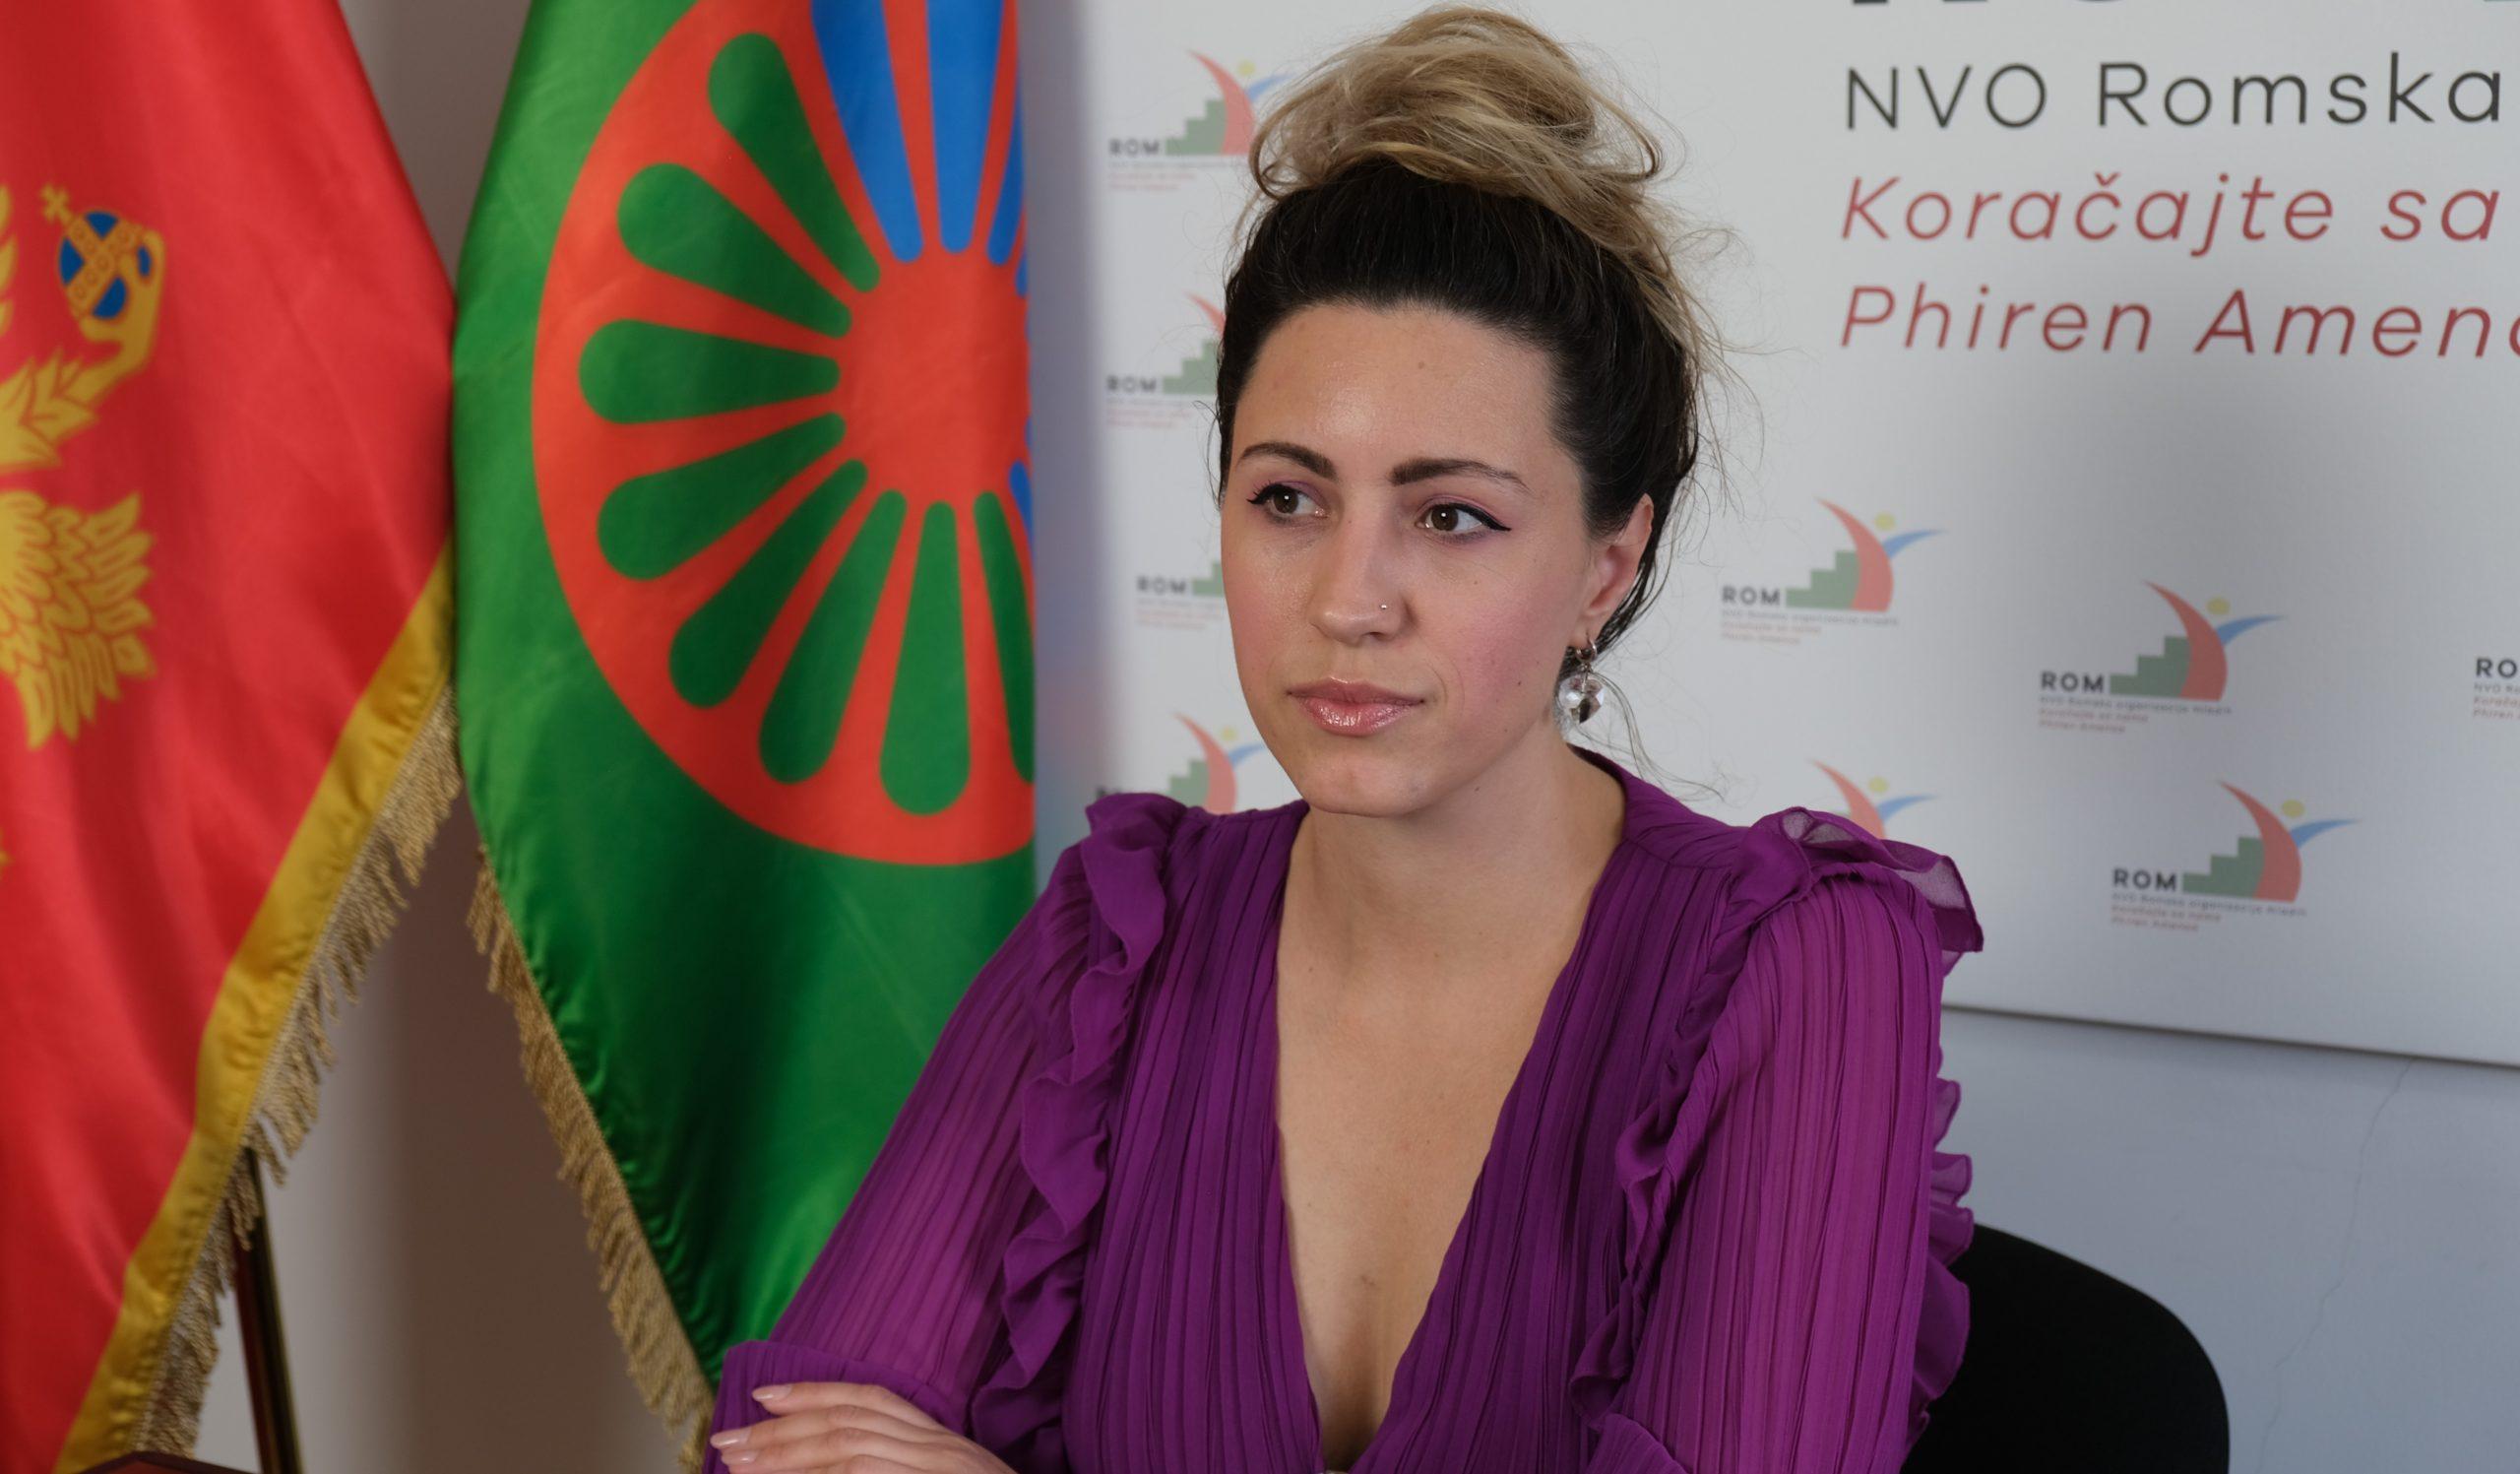 Preko 30% RE zajednice ostalo bez pomoći od strane države tokom pandemije, među kojima su isključivo lica bez regulisanog pravnog statusa, Nevenka Kapičić (Foto: RomaNet)